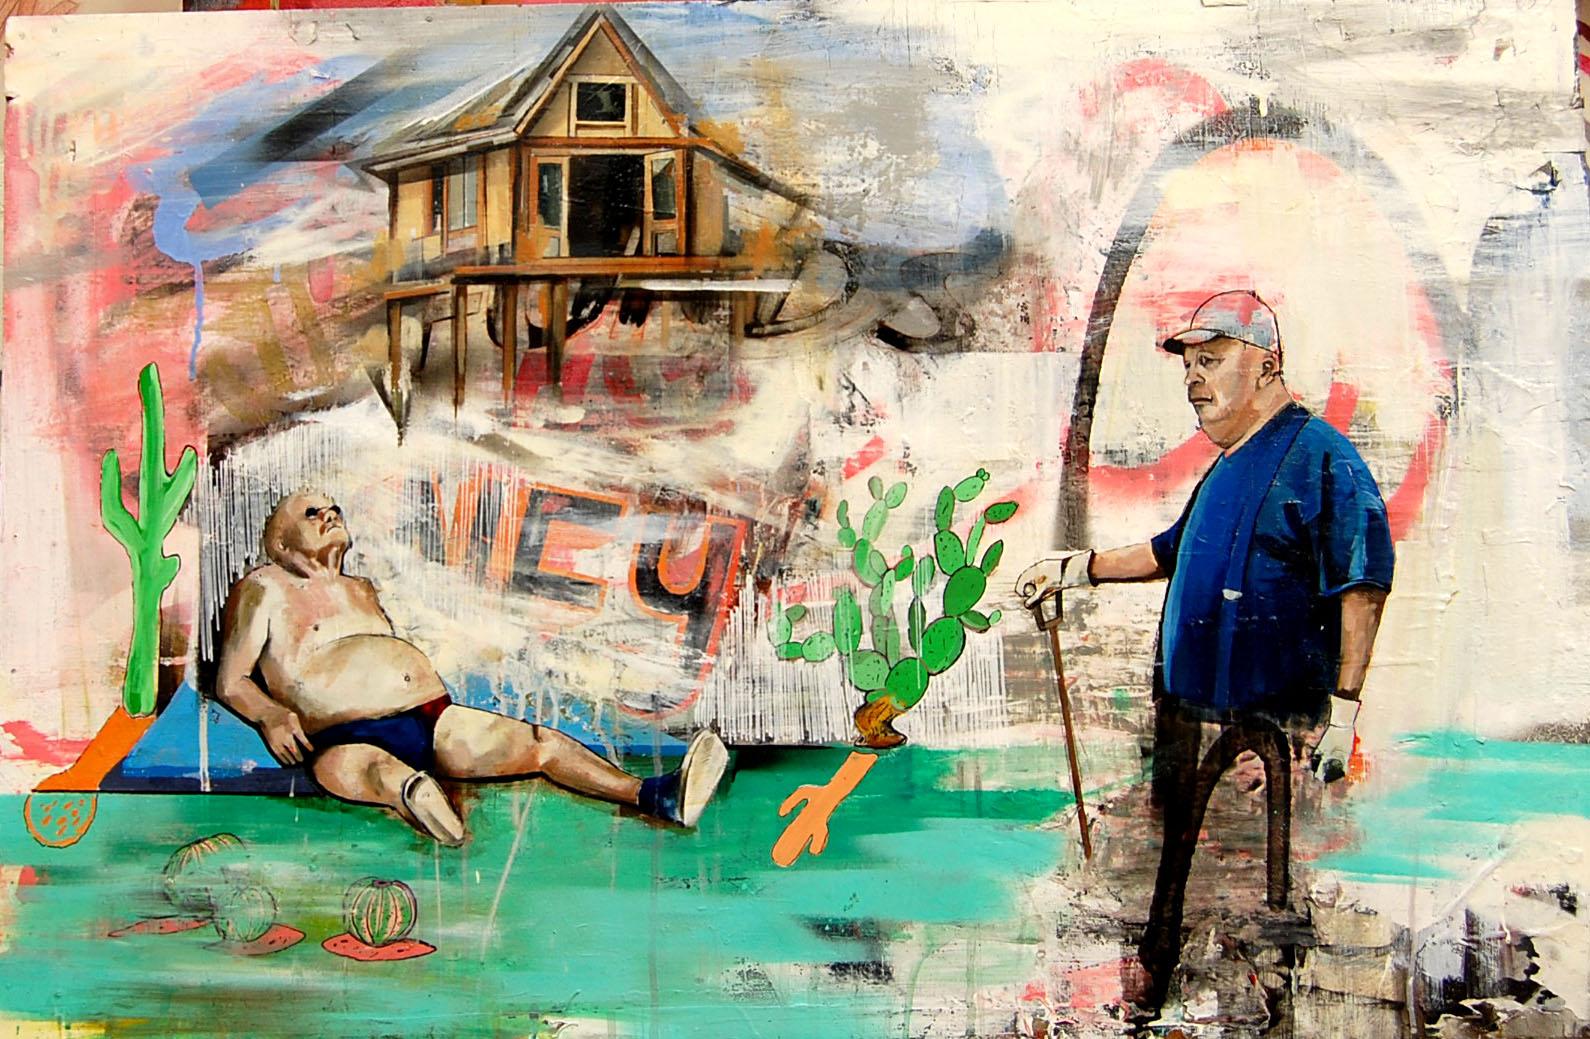 GAK-tus  Enamel,Oil,Acrylic,Collage, Spray, On Board. 60-92 cm 23-36 Inch